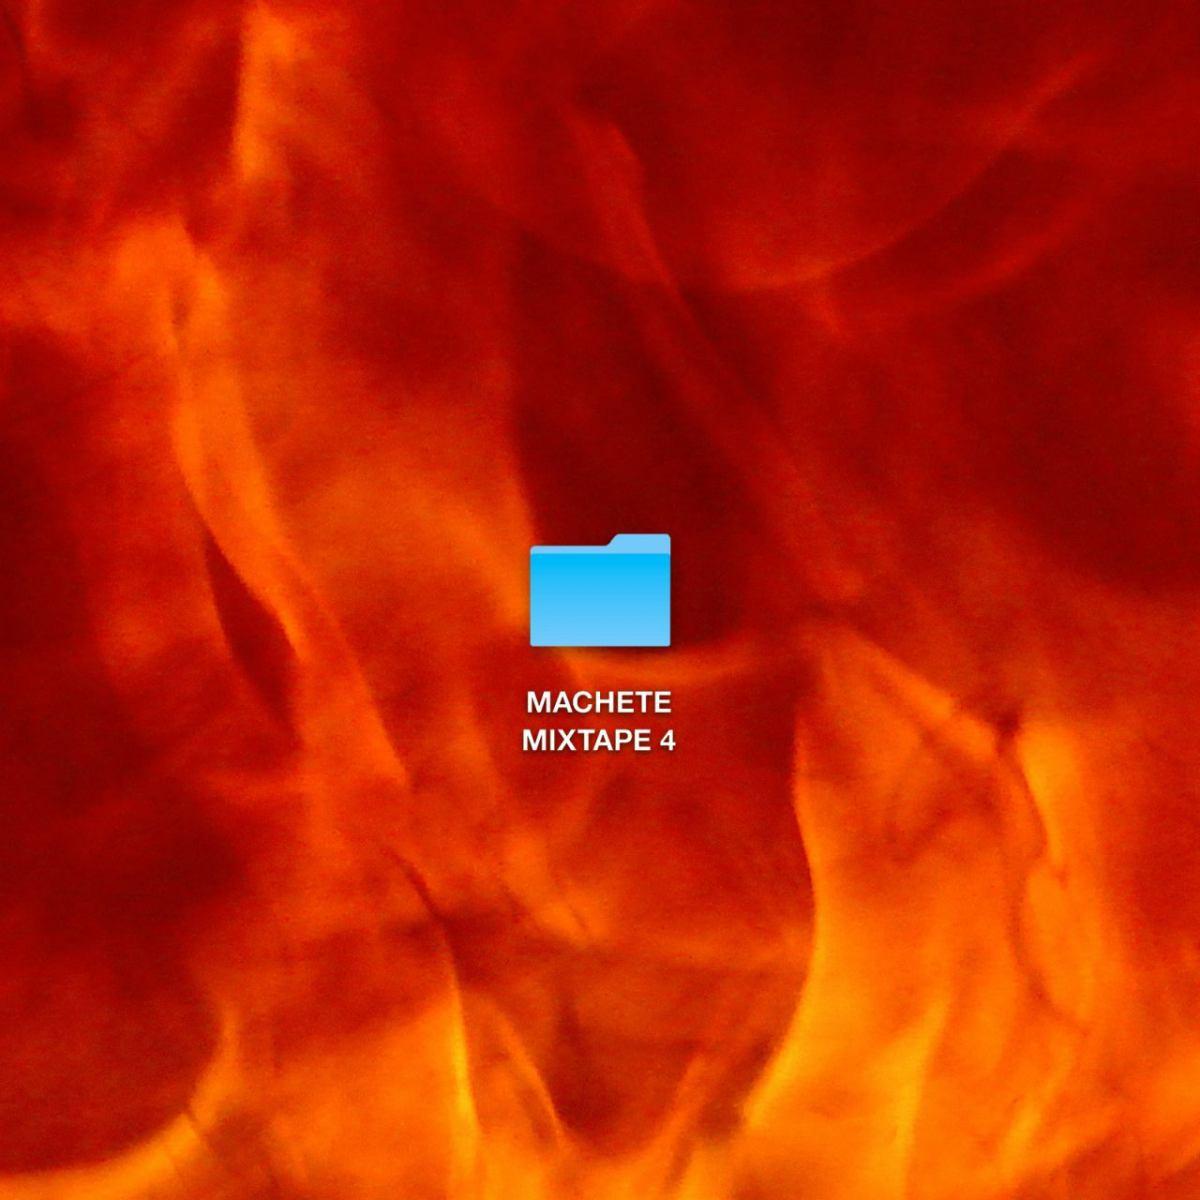 Machete ed il concetto rivoluzionario di mixtape